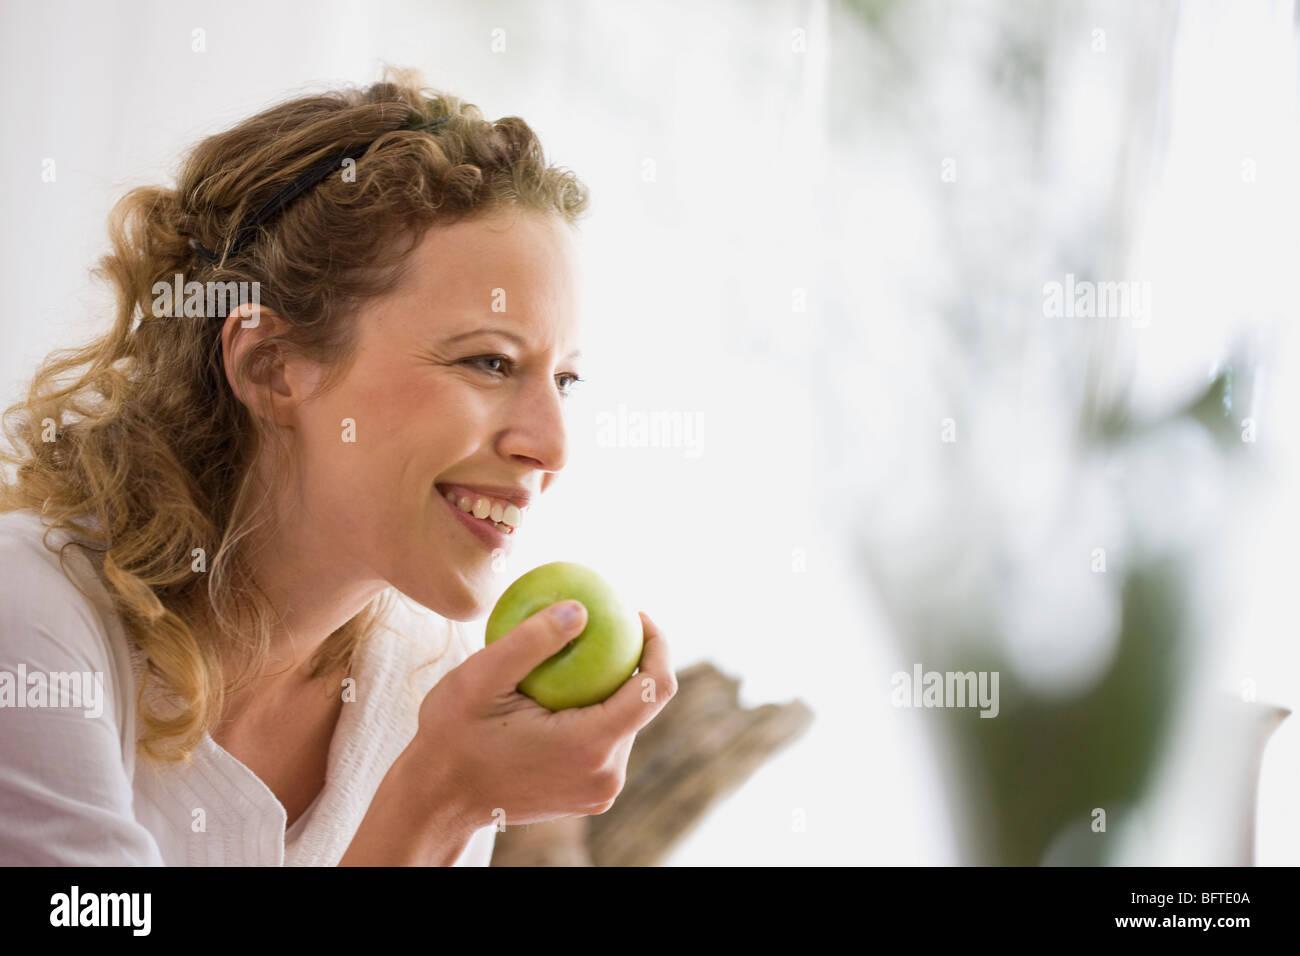 Frau mittleren Alters, die einen Apfel zu essen Stockbild